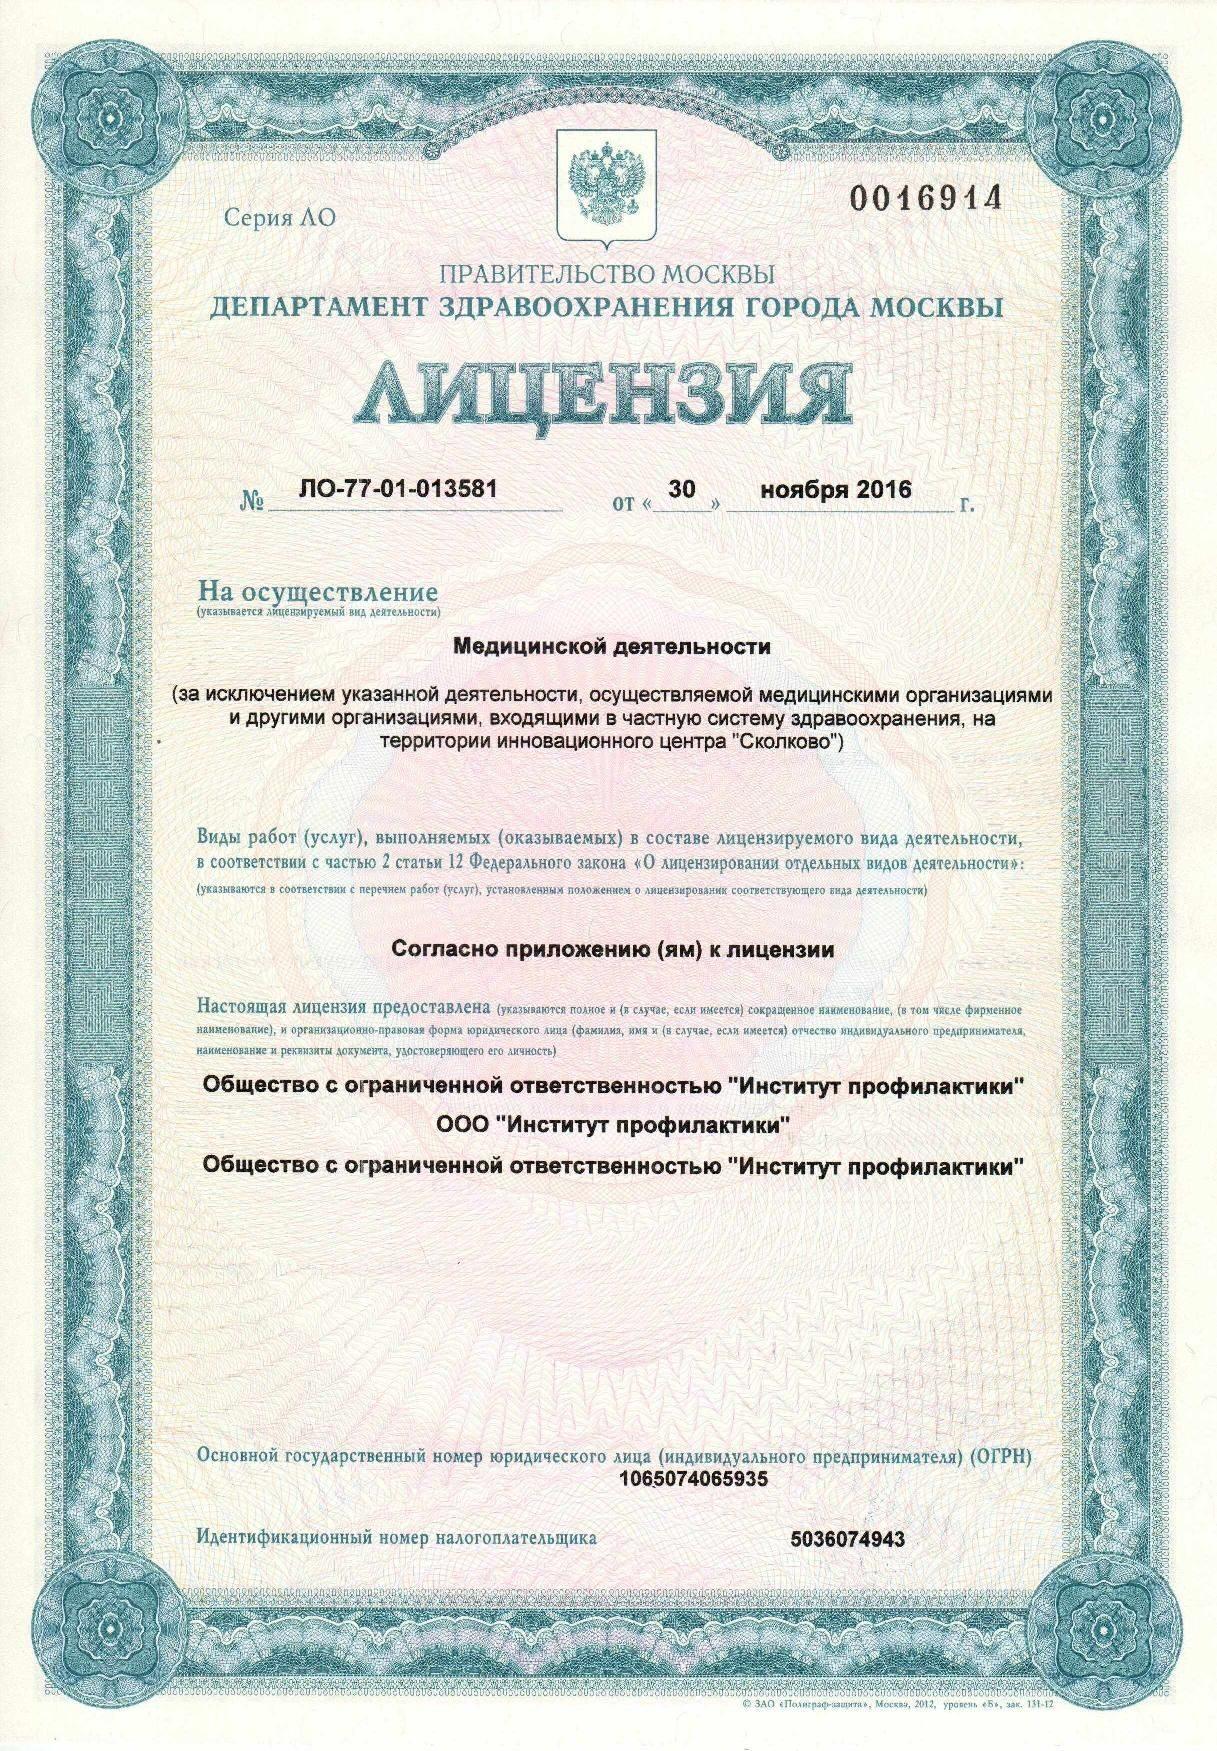 poluchit-litsenziyu-na-predreysovie-meditsinskie-osmotri-voditeley